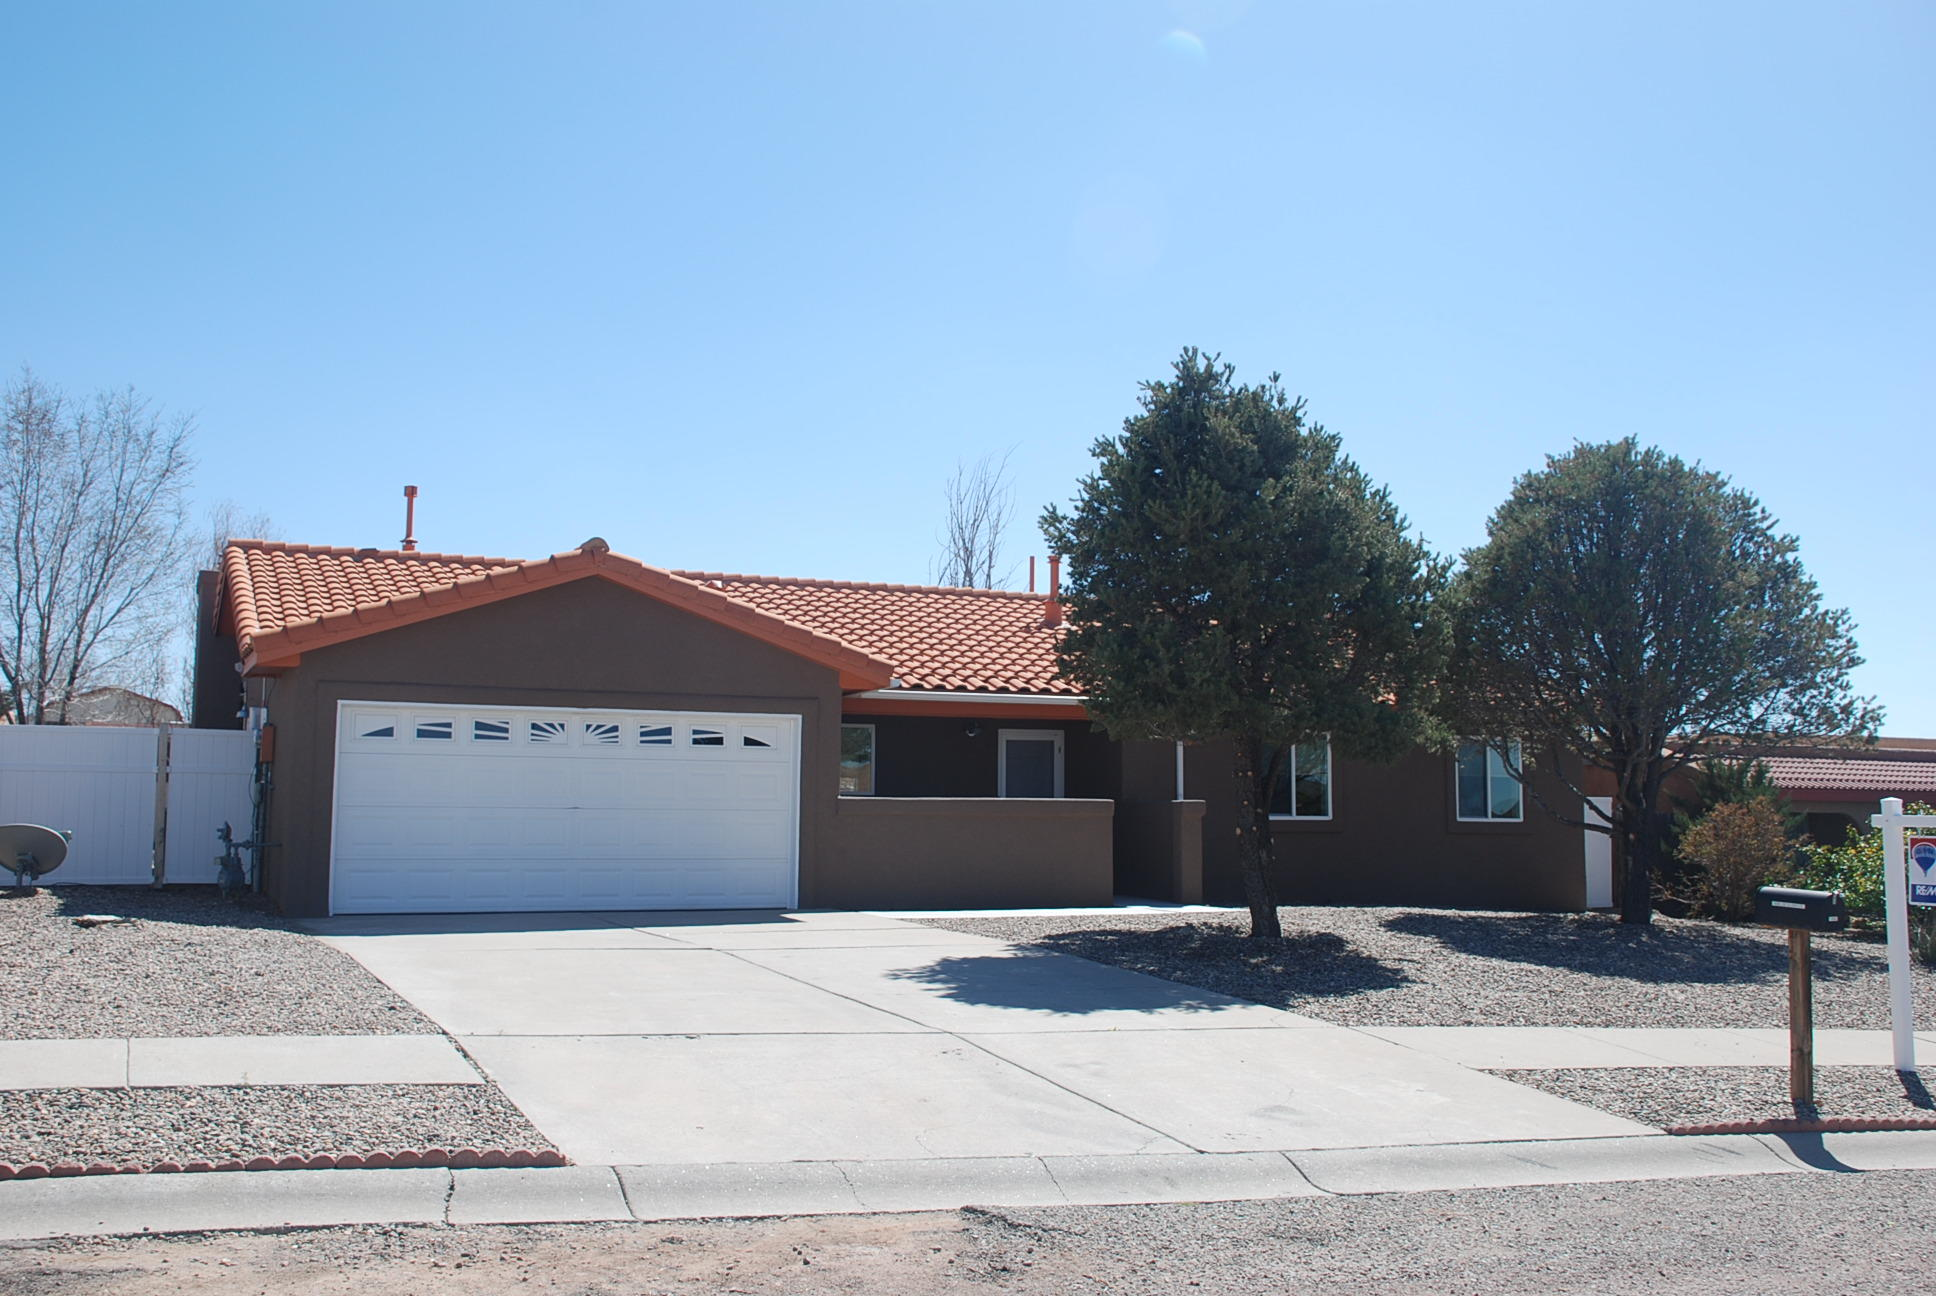 1608 Lee Elder Court, Rio Communities, NM 87002 - Rio Communities, NM real estate listing